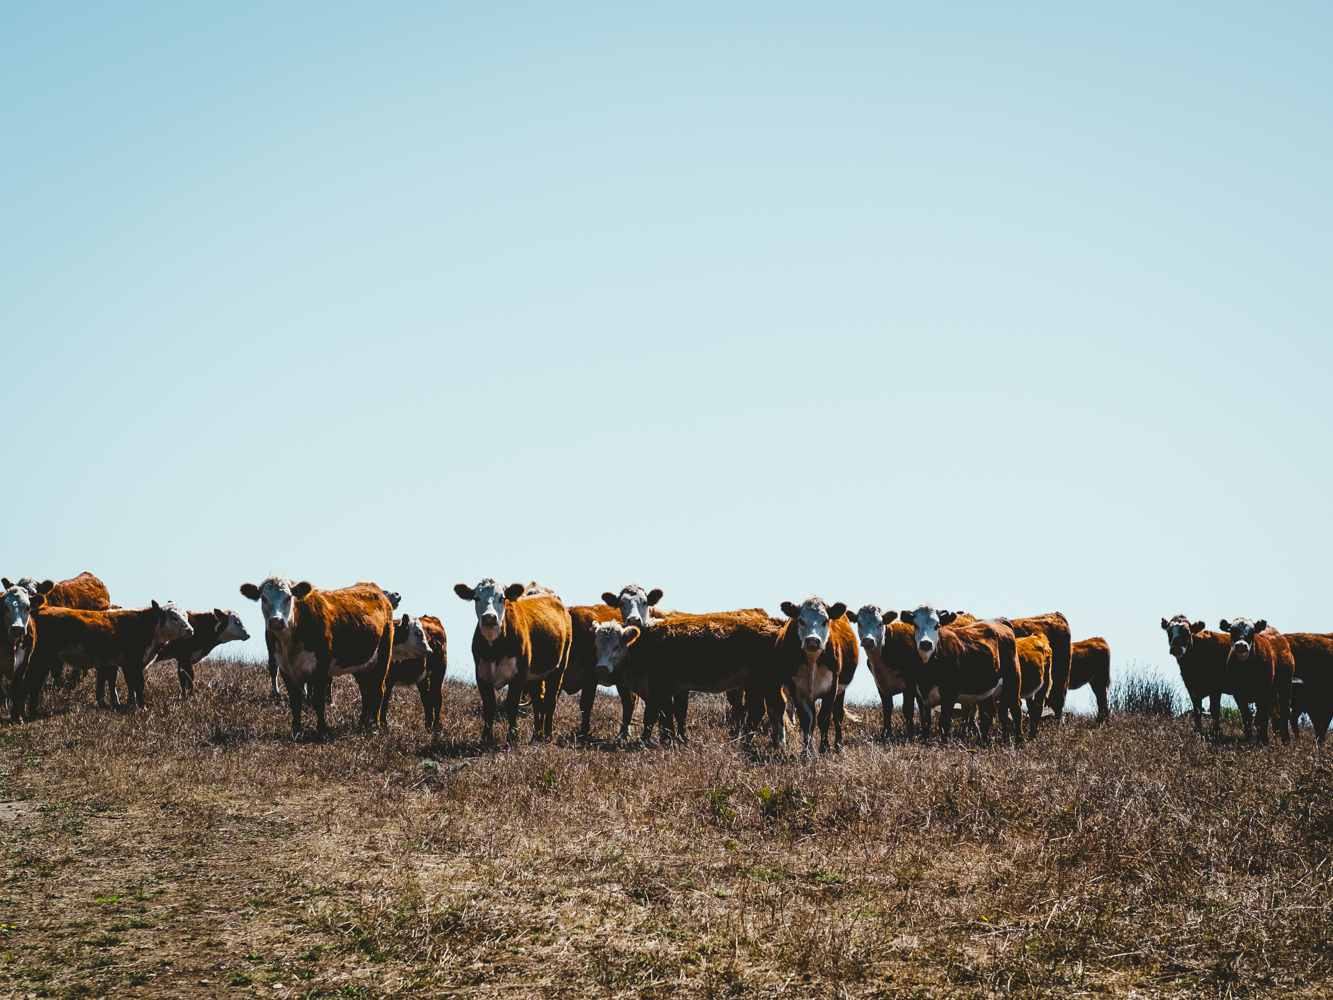 Cattle-Cookwilltravel-Huckberry-Jenner.jpg